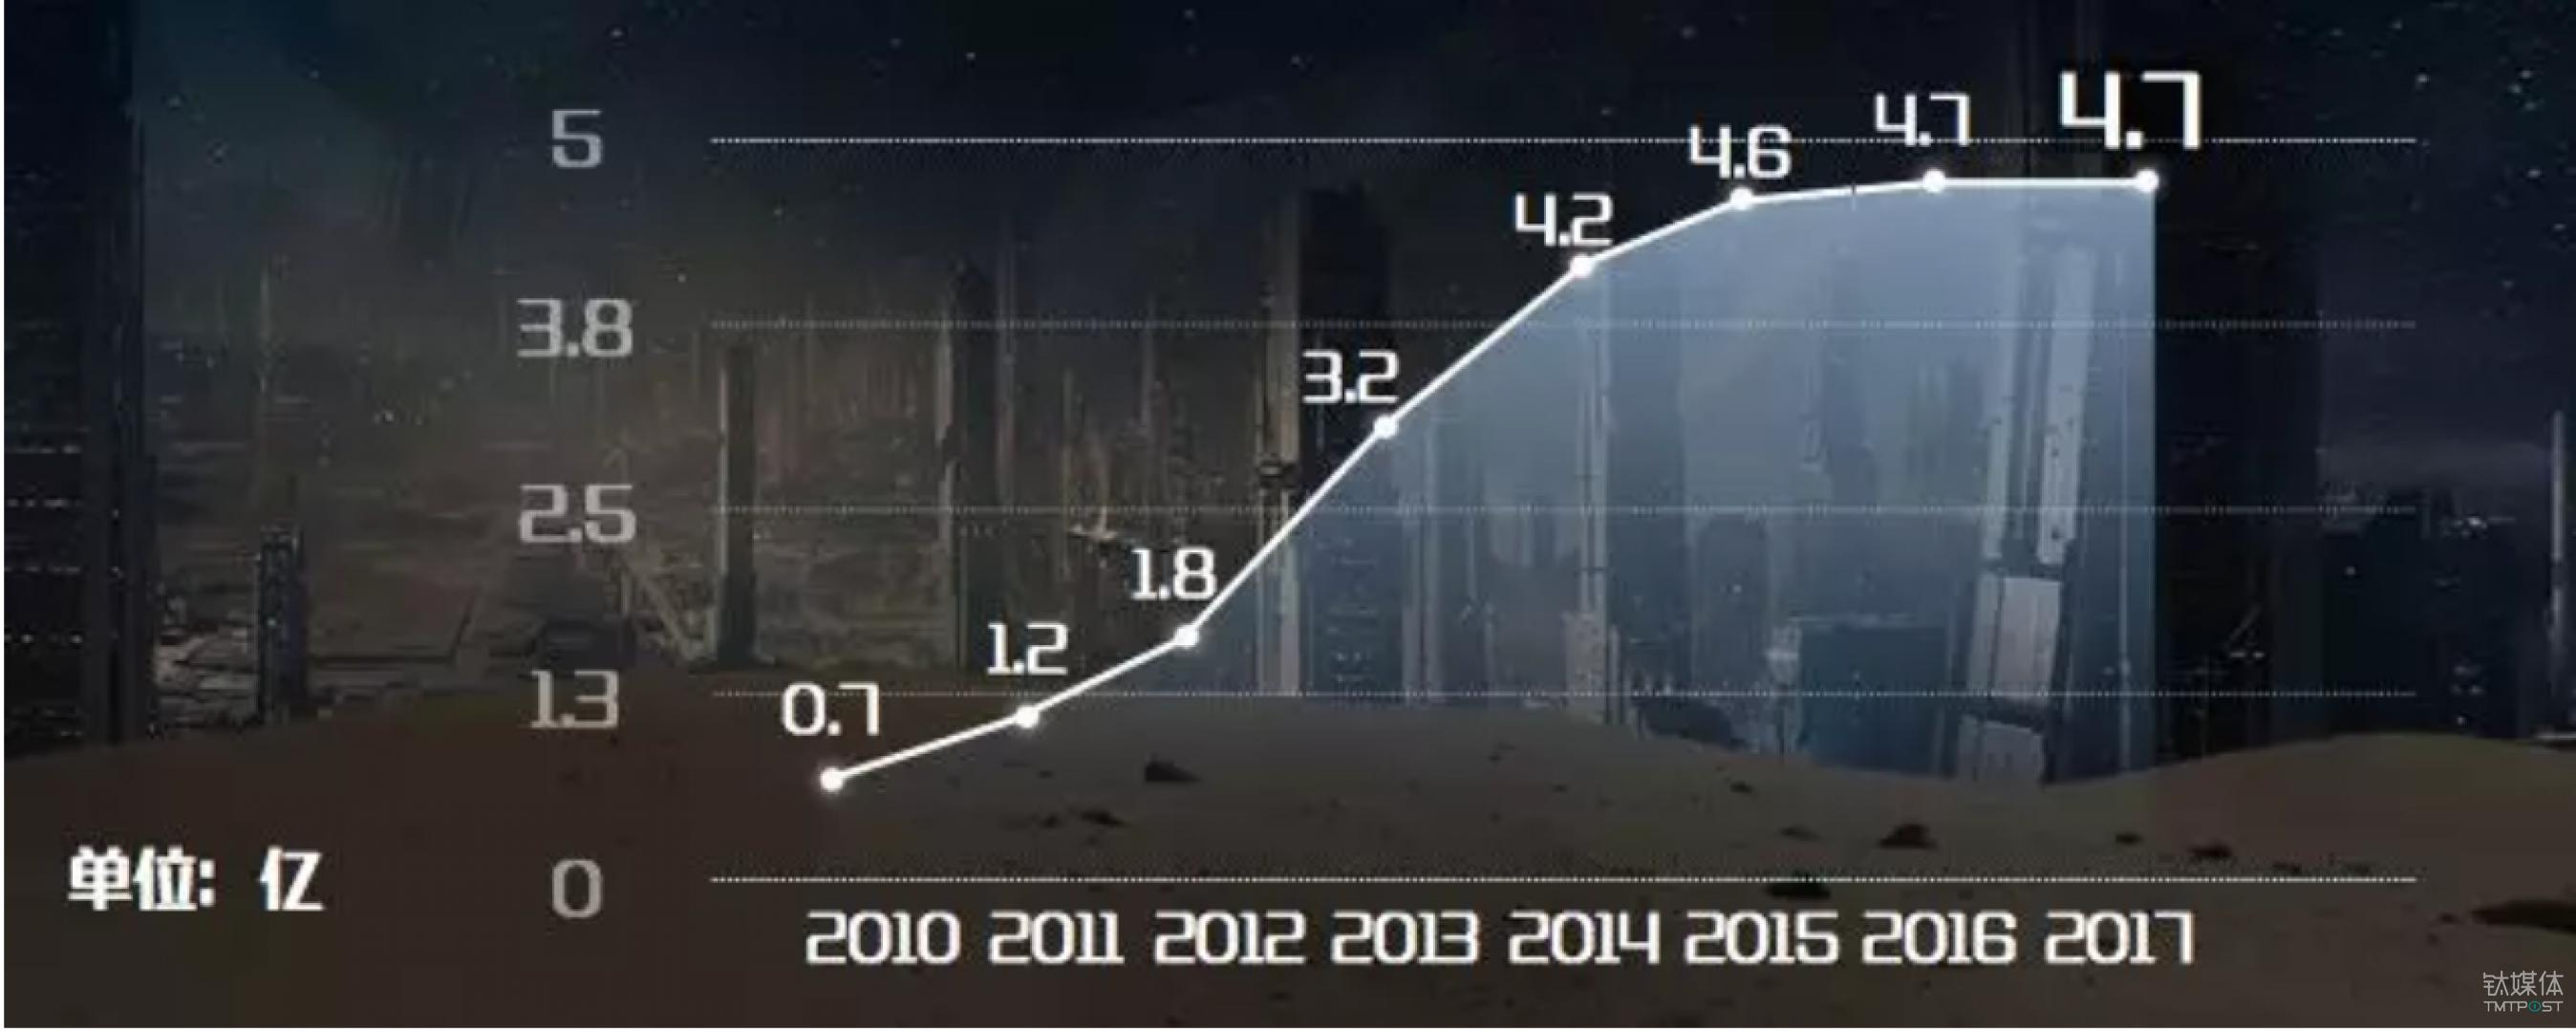 2010-2017智能手机增长销量图